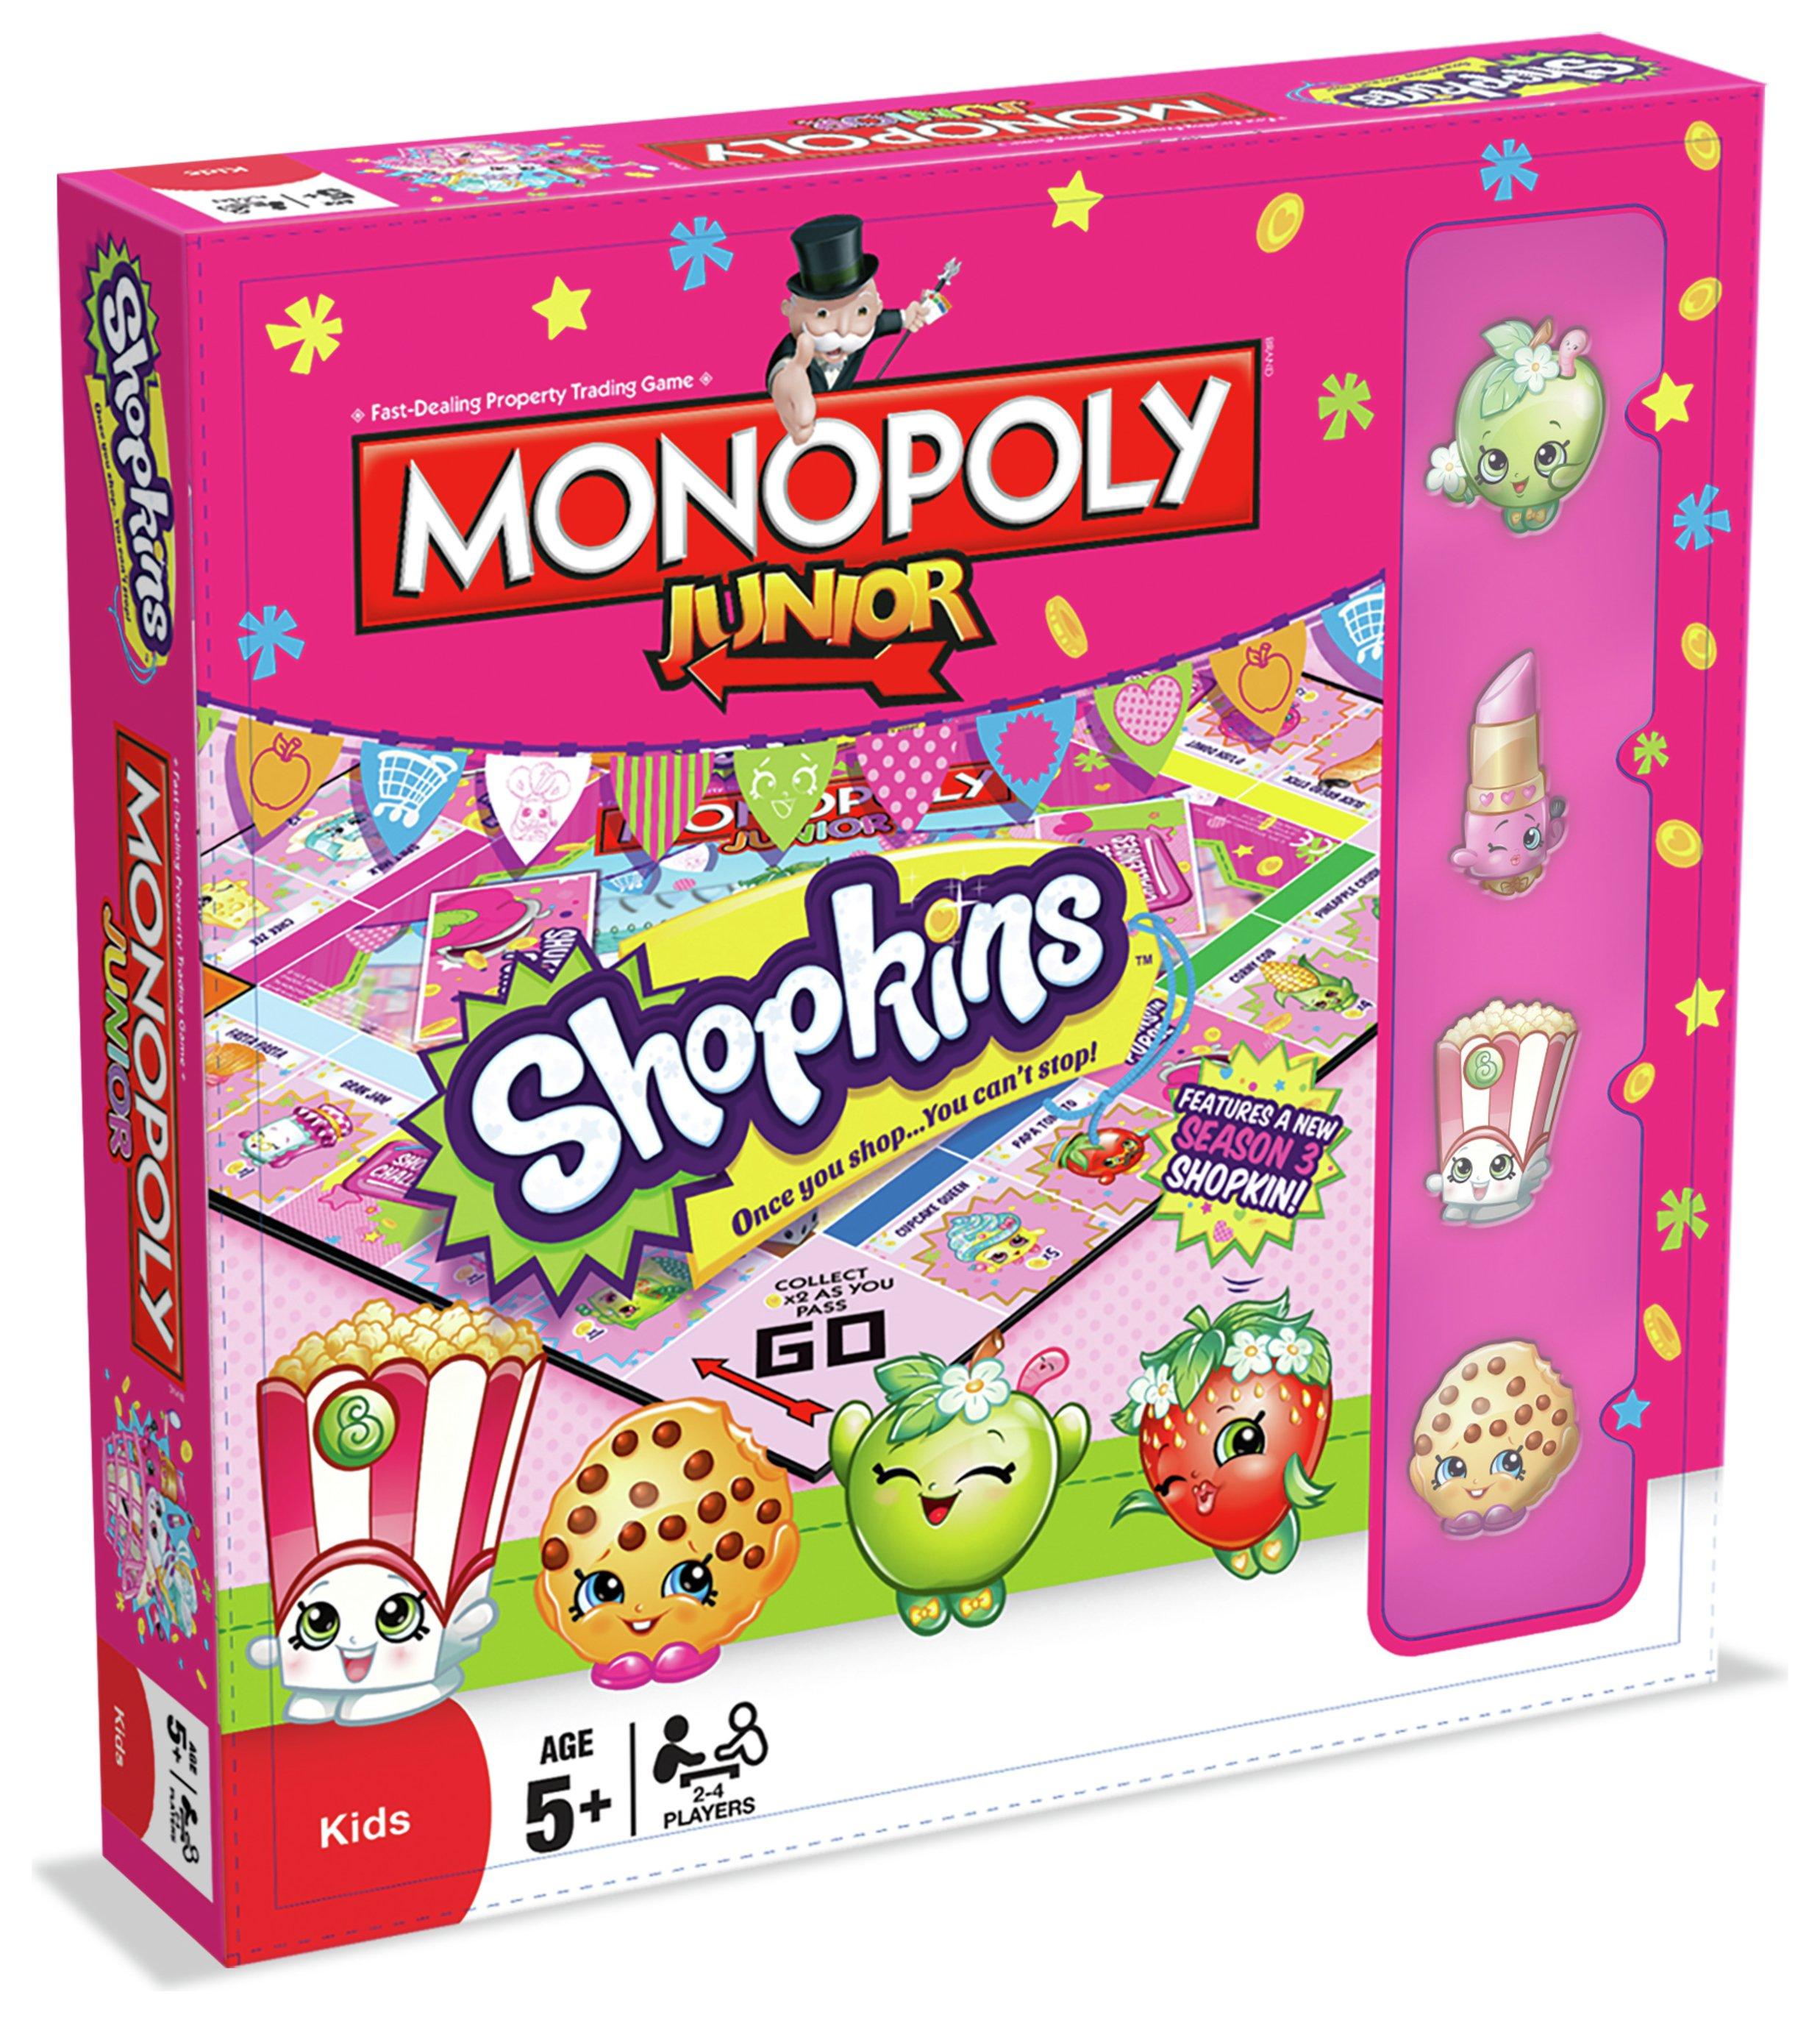 Shopkins Monopoly Junior Board Game.